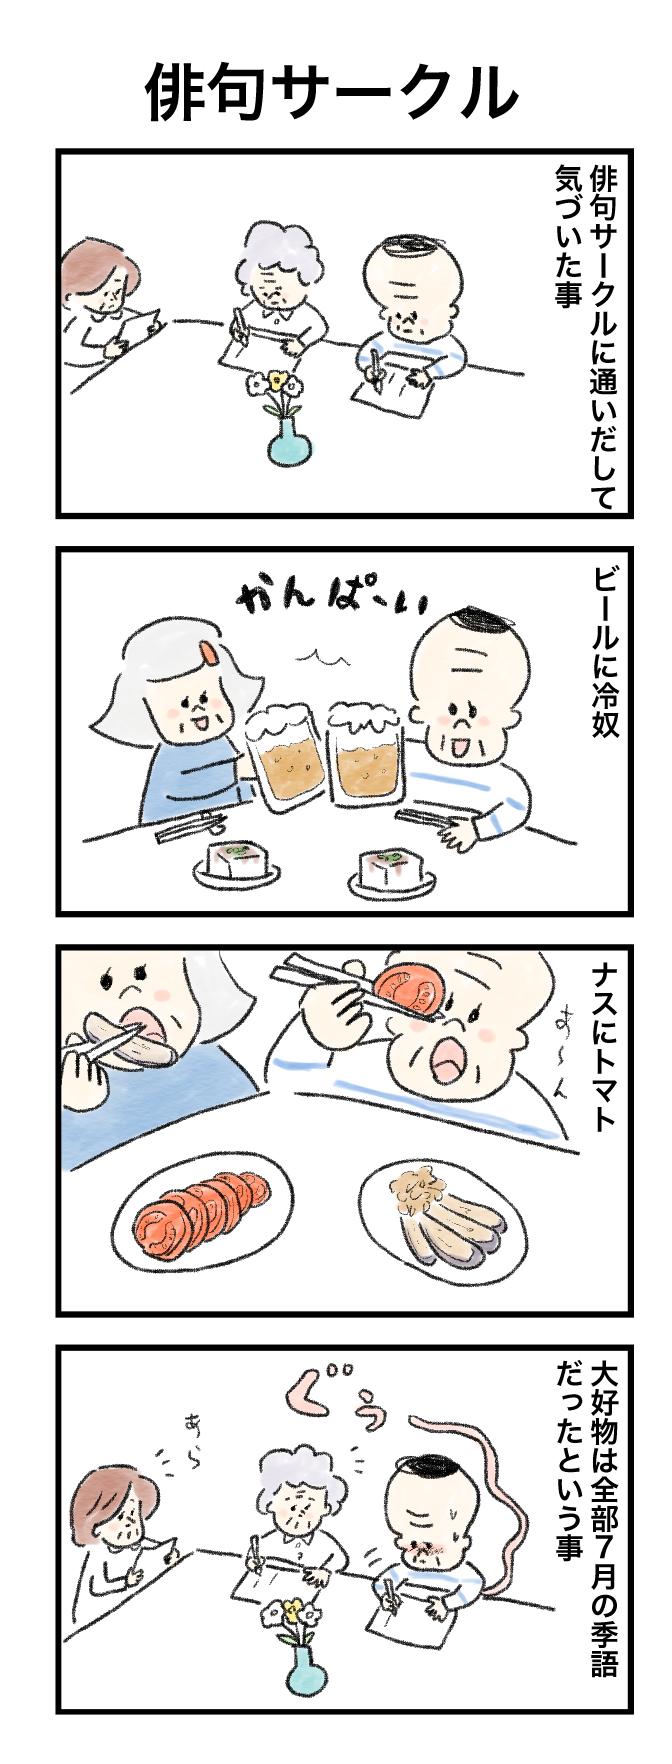 今日の泉谷さん【36】 作:カワサキヒロシ「俳句サークル」